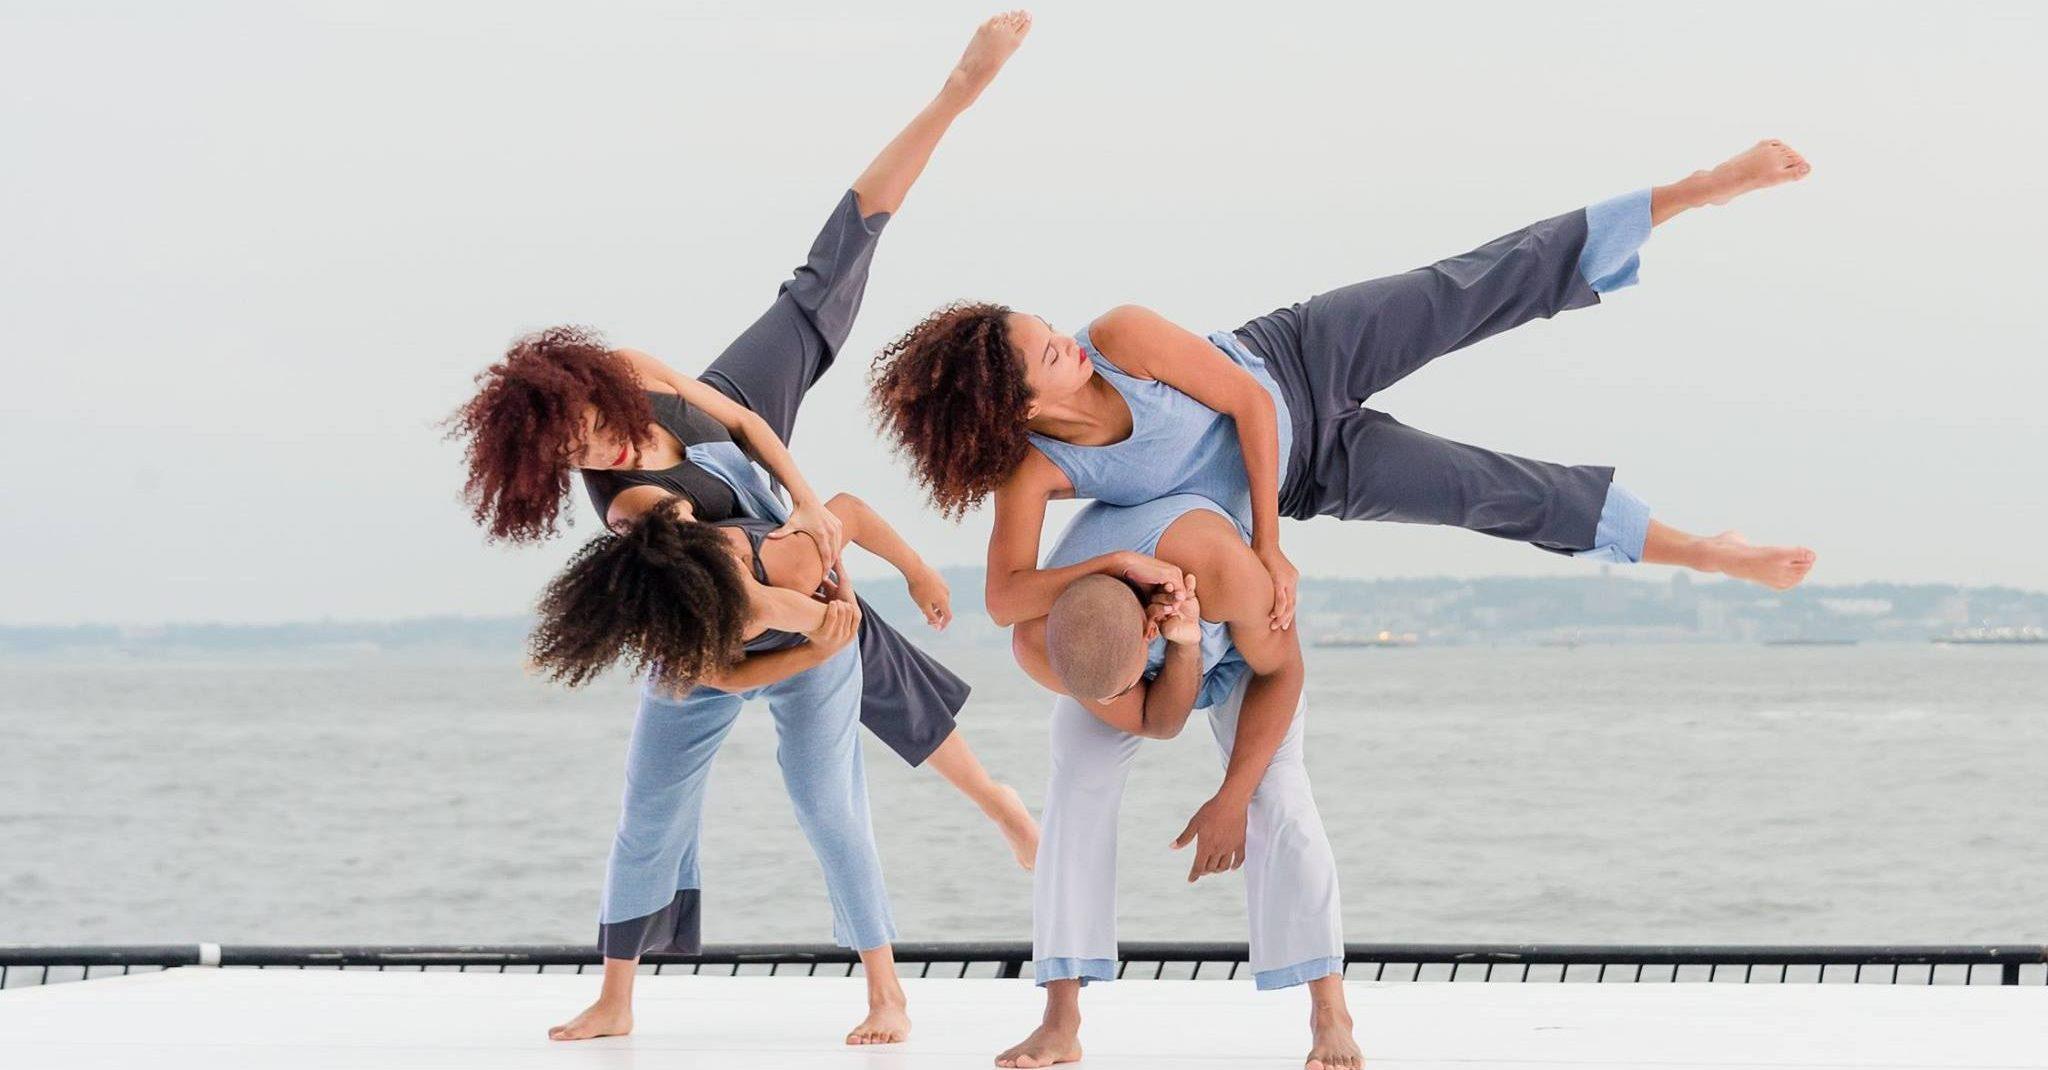 Compania-de-Danza-Contemporanea-RD-e1602543040902